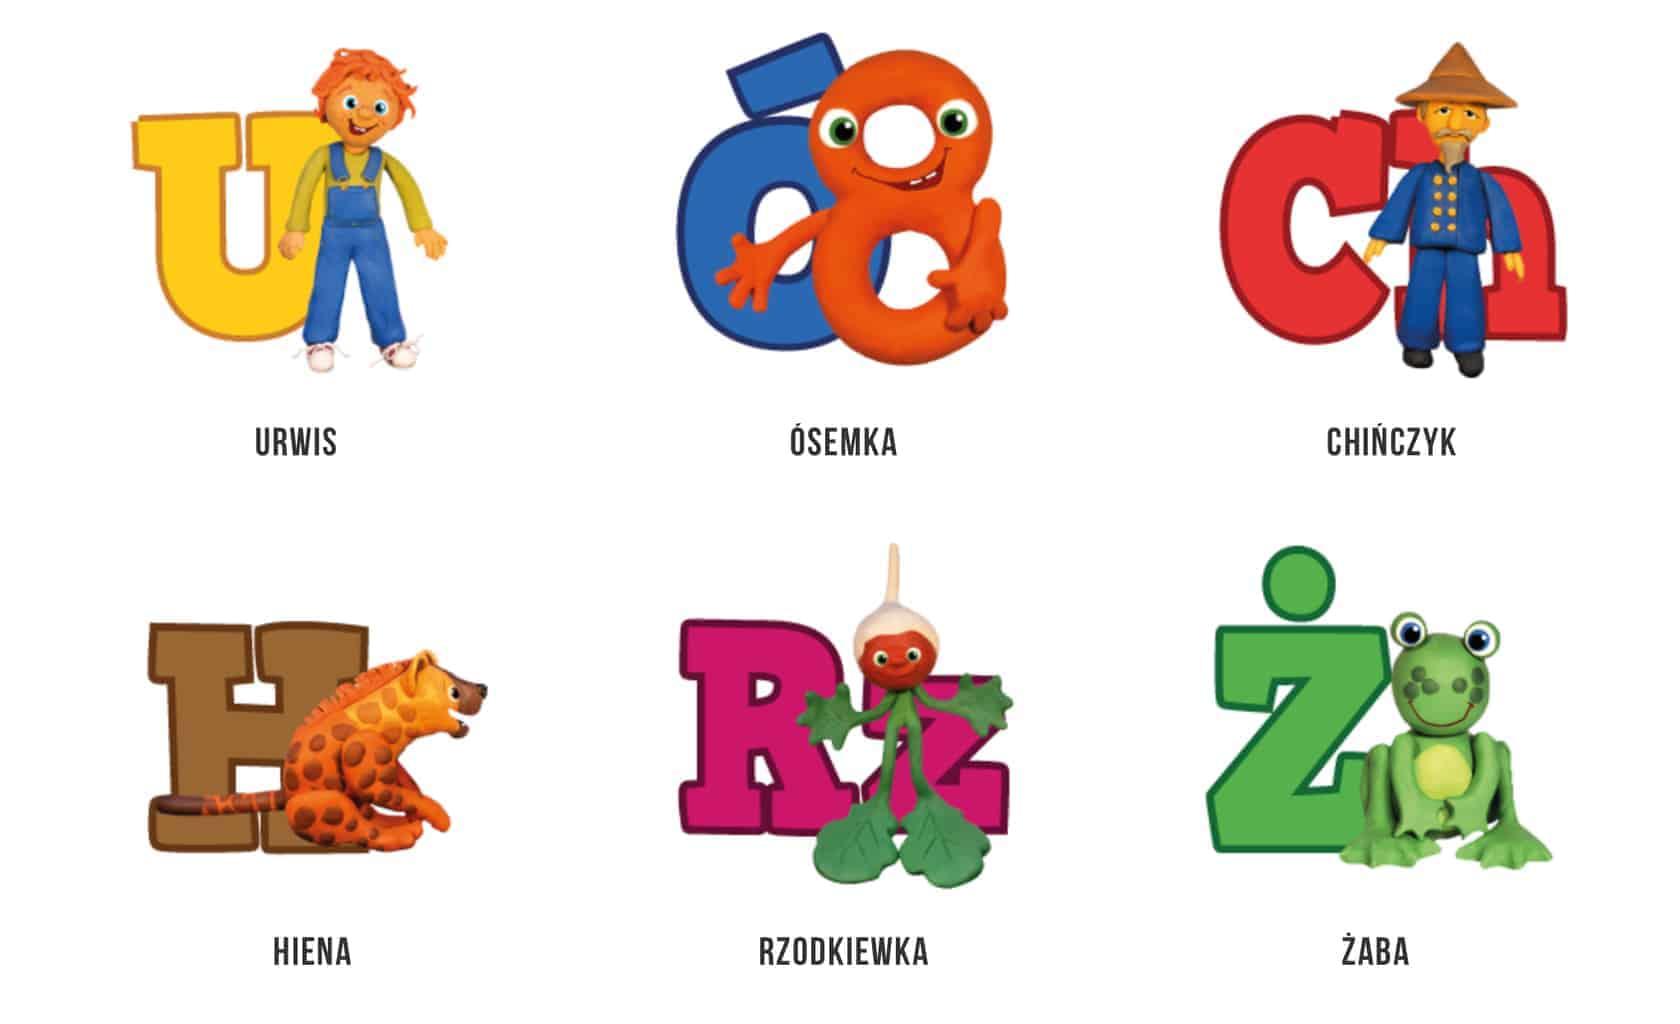 Ortografia Metodą Hakową Kurs Online Dla Dzieci